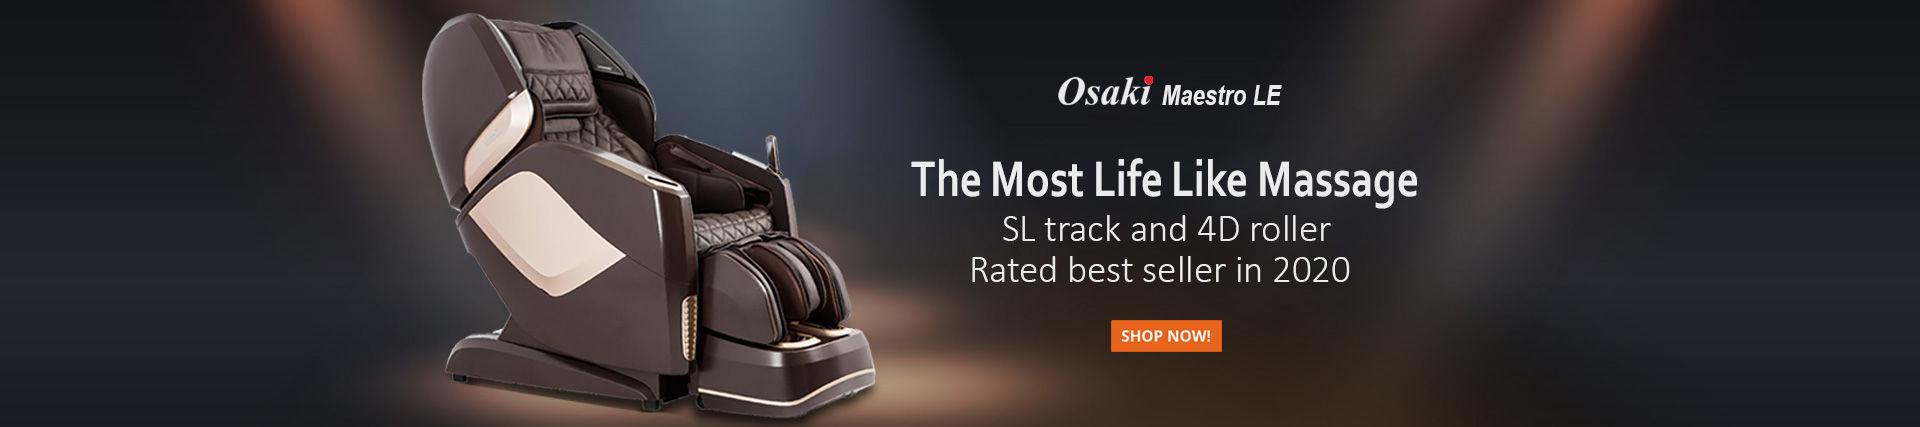 Osaki Pro Maestro LE massage chair banner